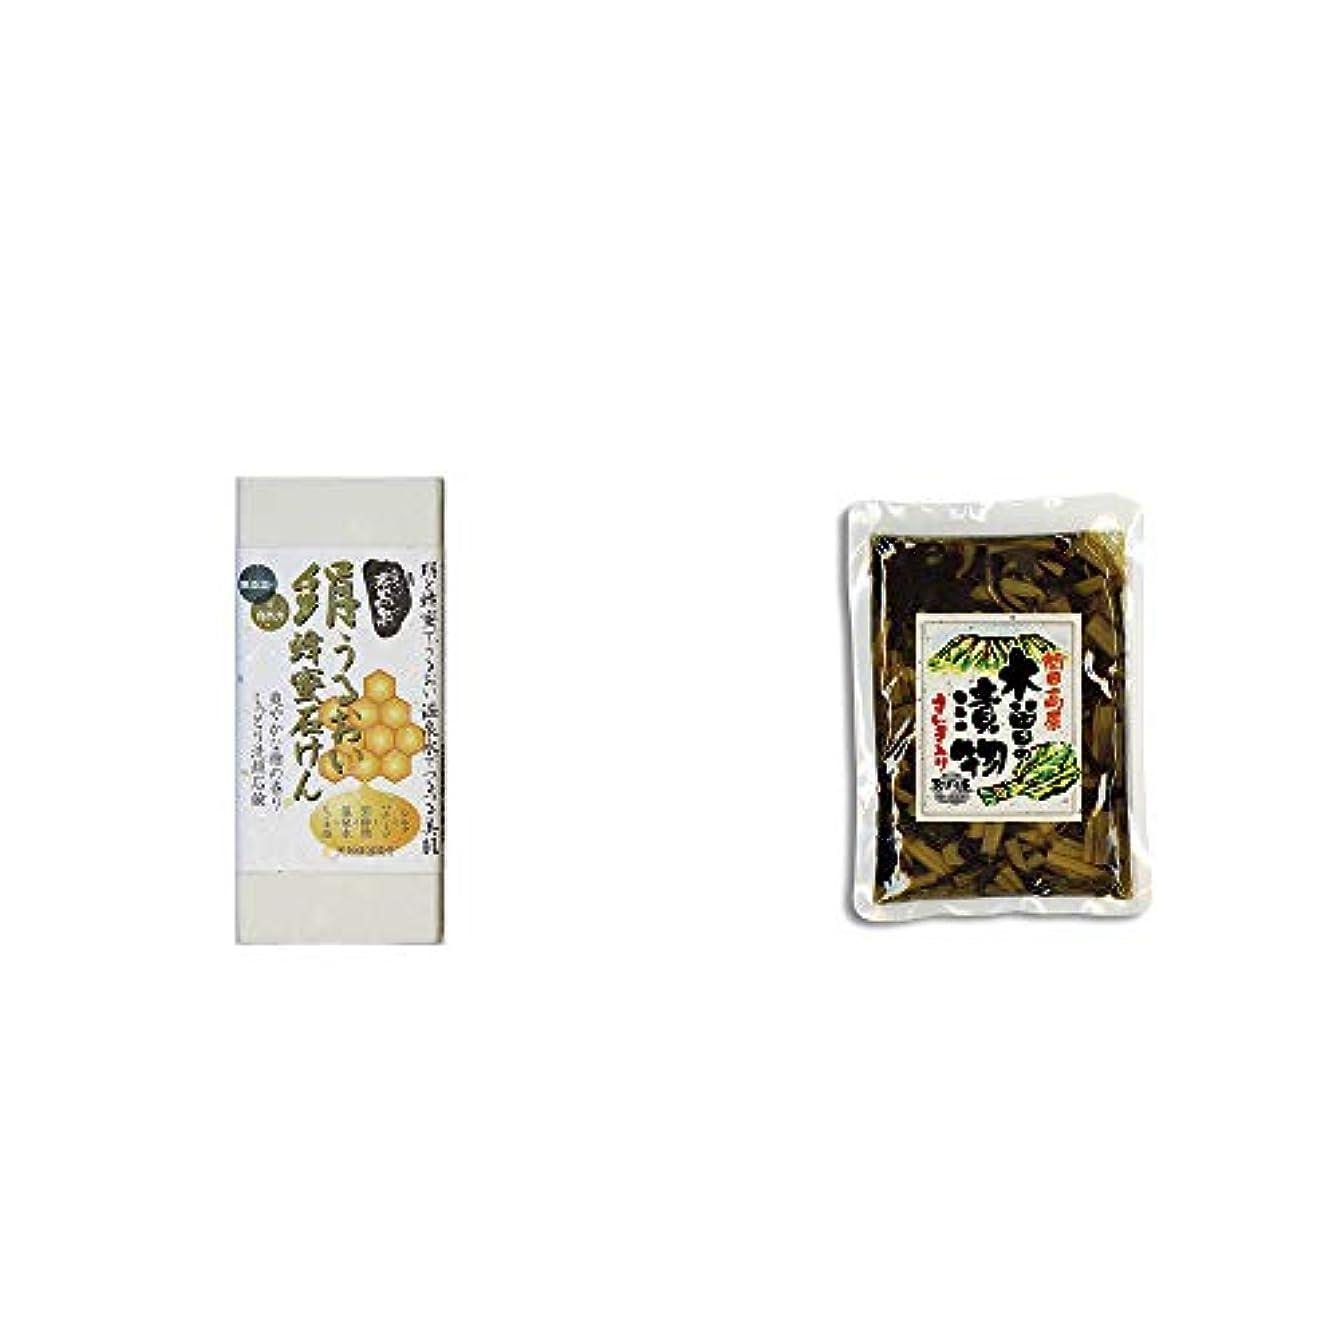 意味するモンキーゴール[2点セット] ひのき炭黒泉 絹うるおい蜂蜜石けん(75g×2)?【年中販売】木曽の漬物 すんき入り(200g) / すんき漬け味付加工品 //